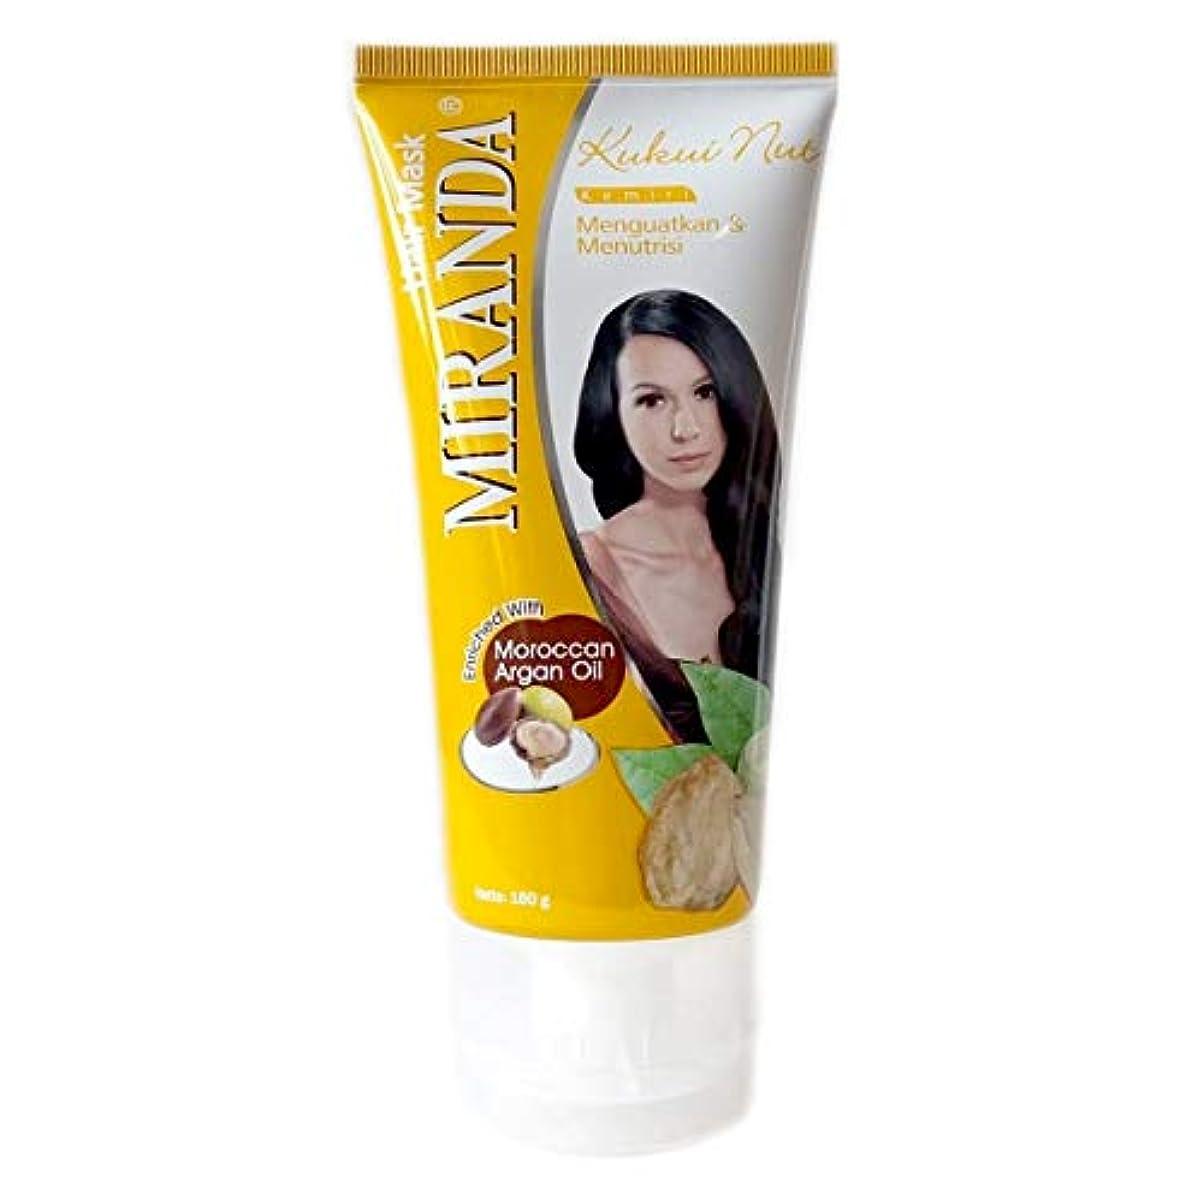 ピカリング困ったガラスMIRANDA ミランダ Hair Mask ヘアマスク モロッカンアルガンオイル主成分のヘアトリートメント 160g Kukui nut クミリ [海外直送品]